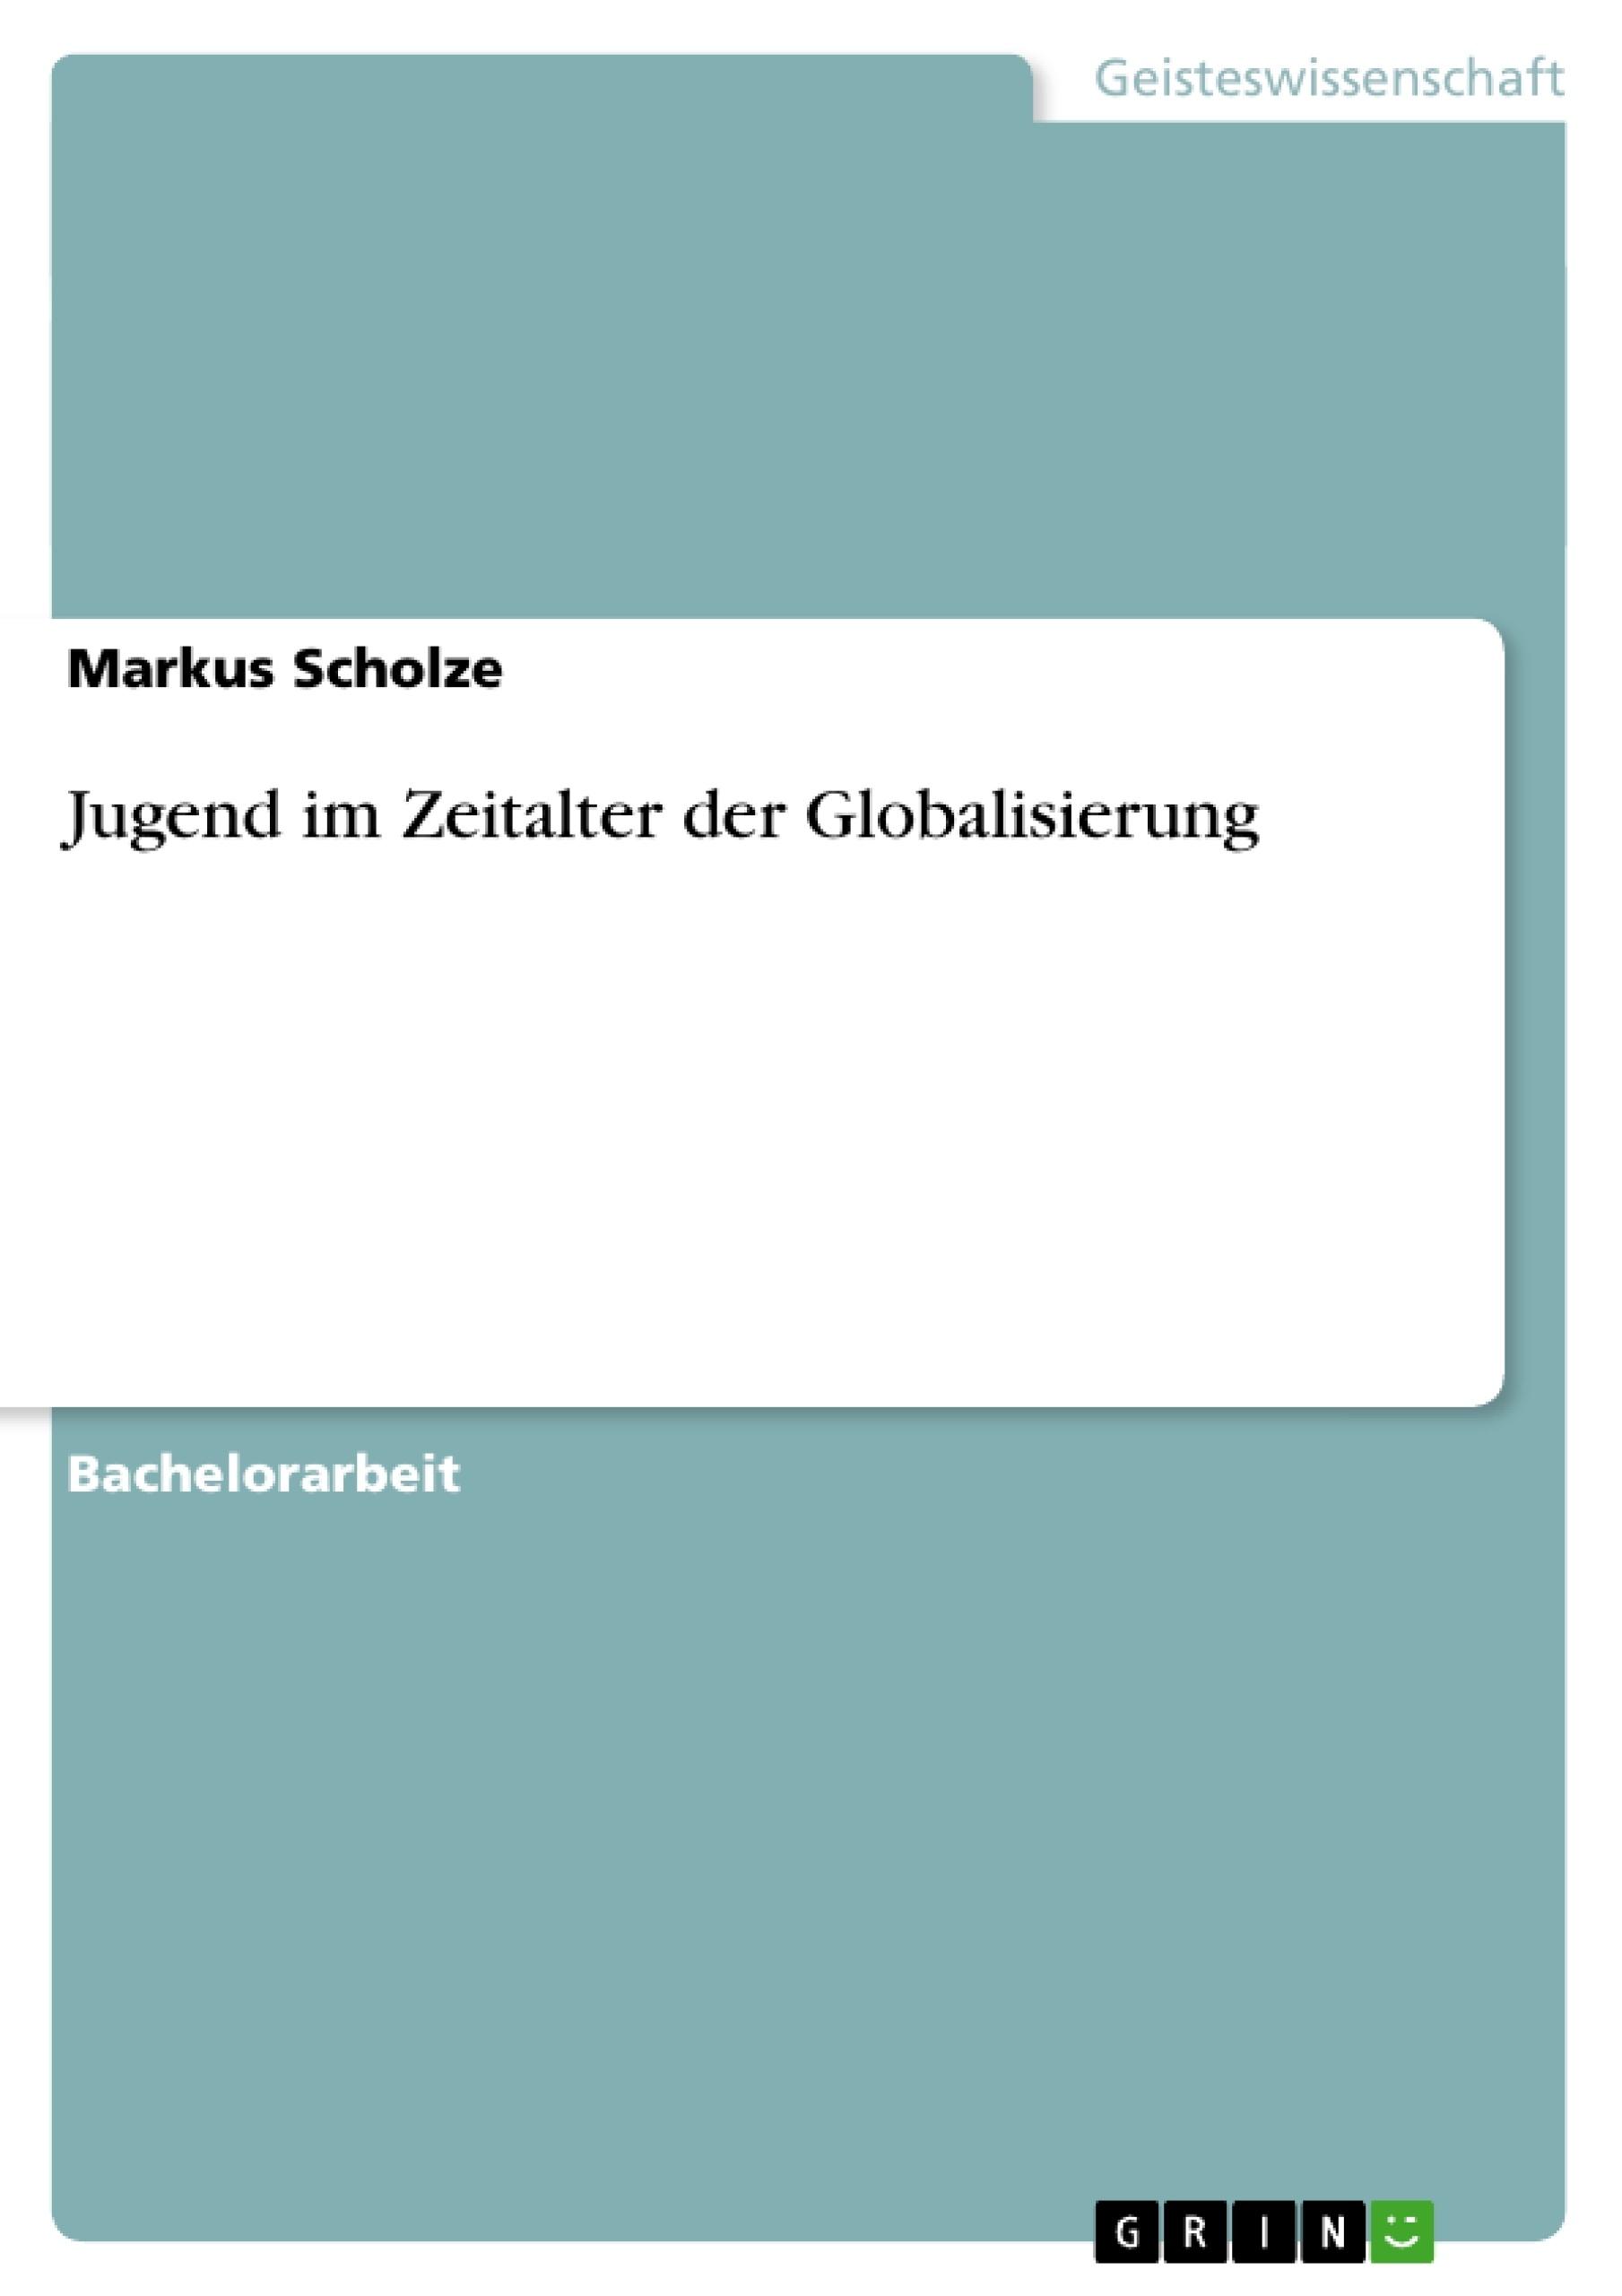 Titel: Jugend im Zeitalter der Globalisierung